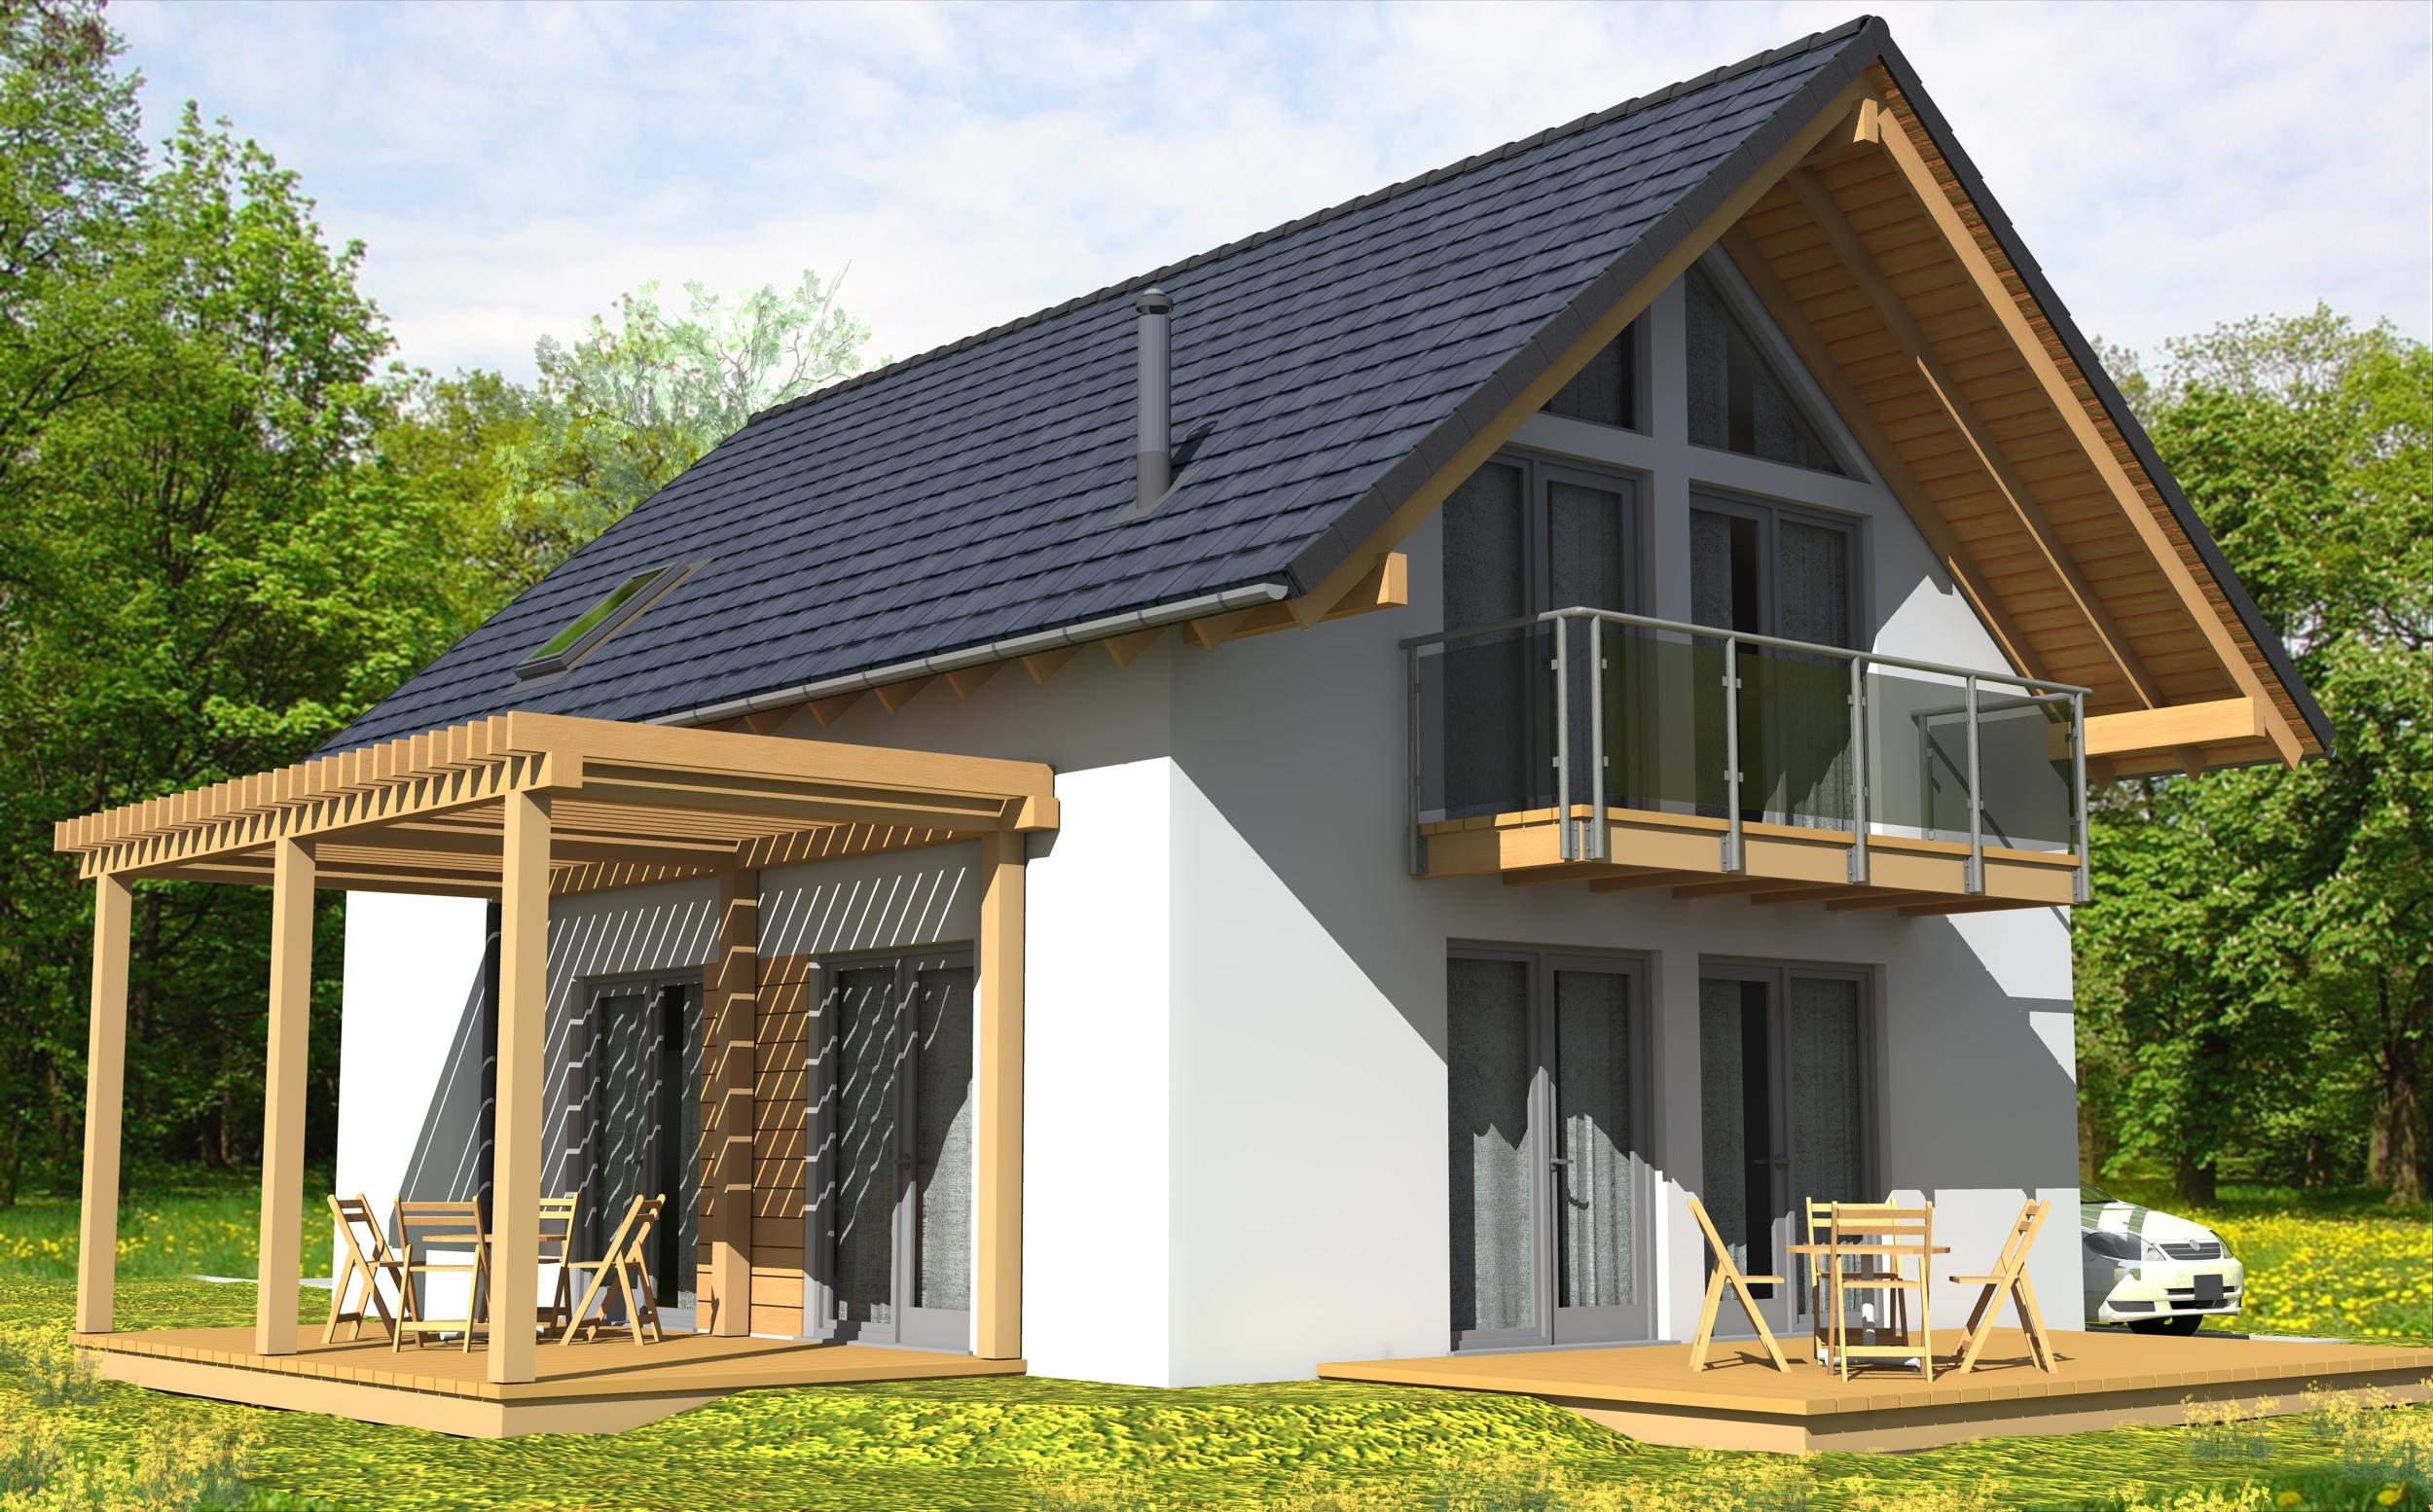 BAT Średni  - dom energooszczędny o powierzchni 103,8 m2